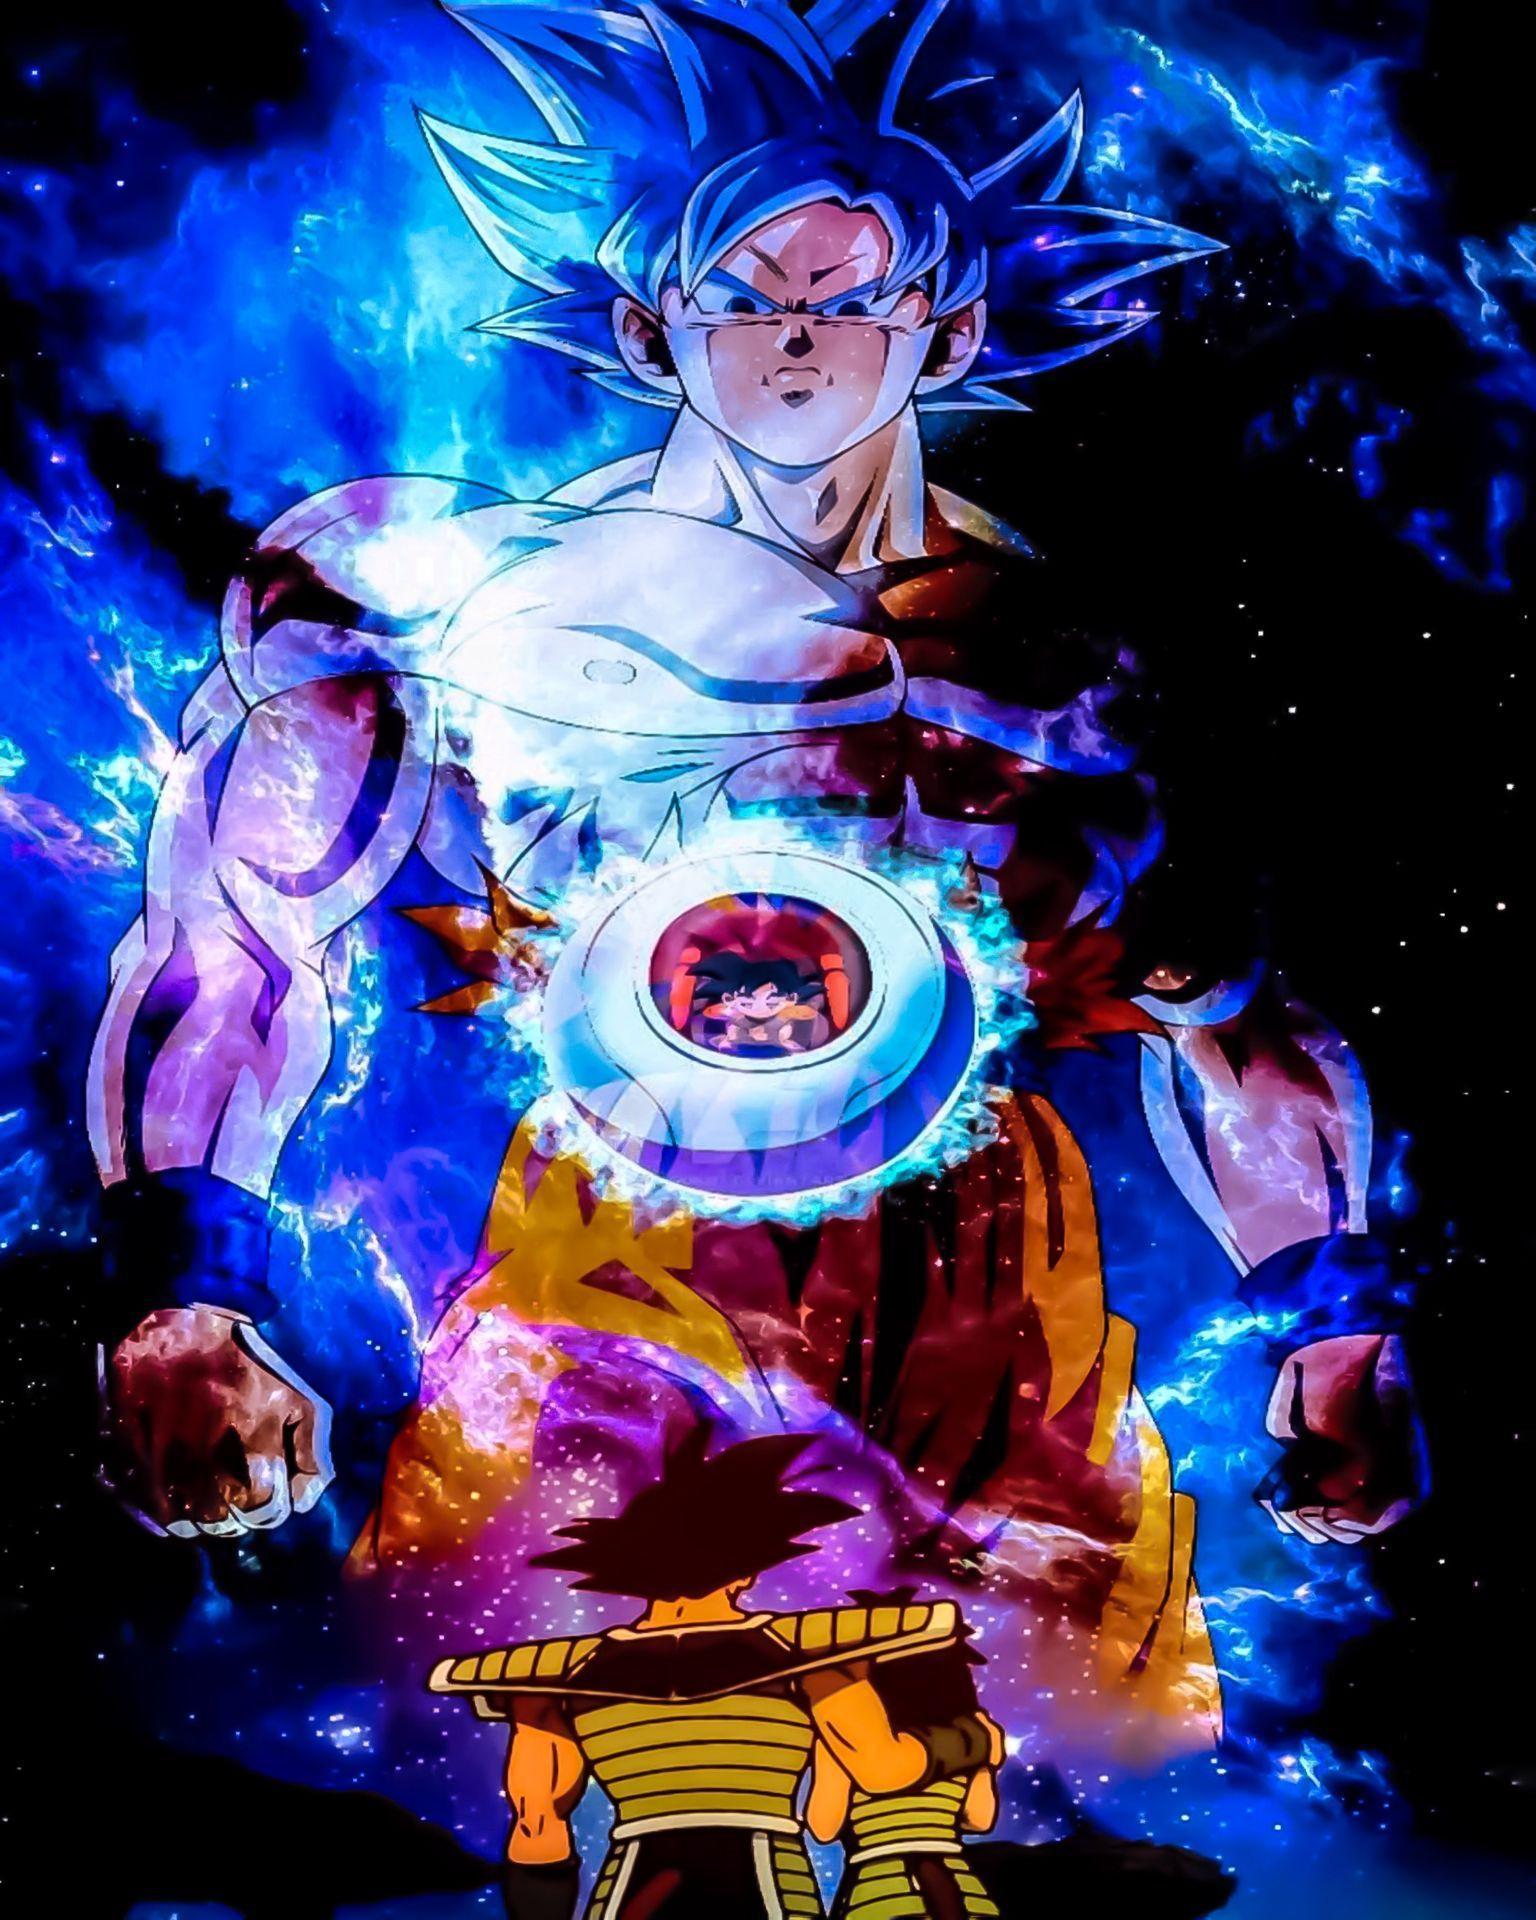 Son Goku  - ❤️proud parents ❤️